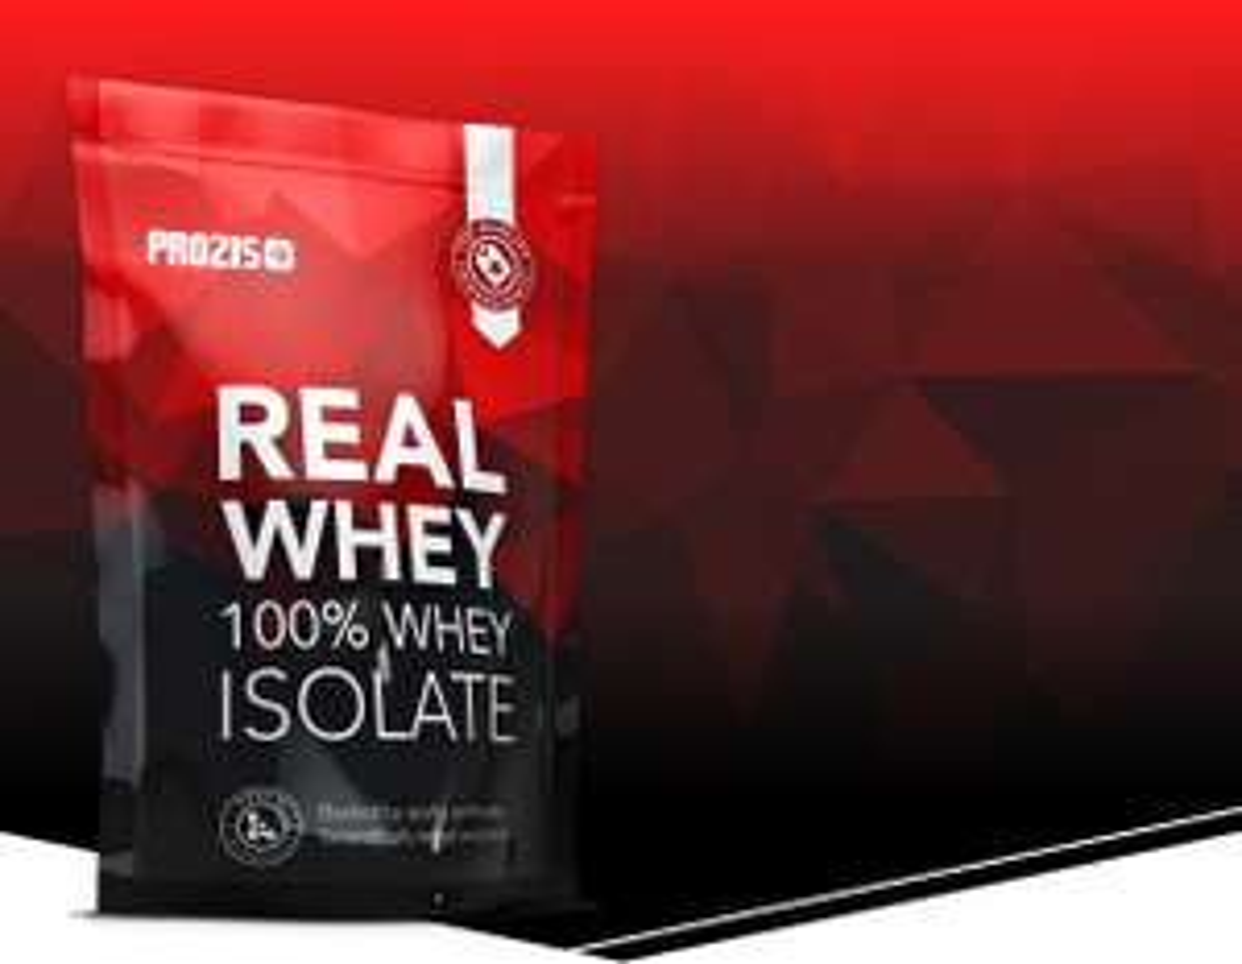 2000g Sehr gutes Whey Protein Isolate von Prozis mit Gutschein sehr günstig + 10 Euro Gutschein für nächsten Einkauf